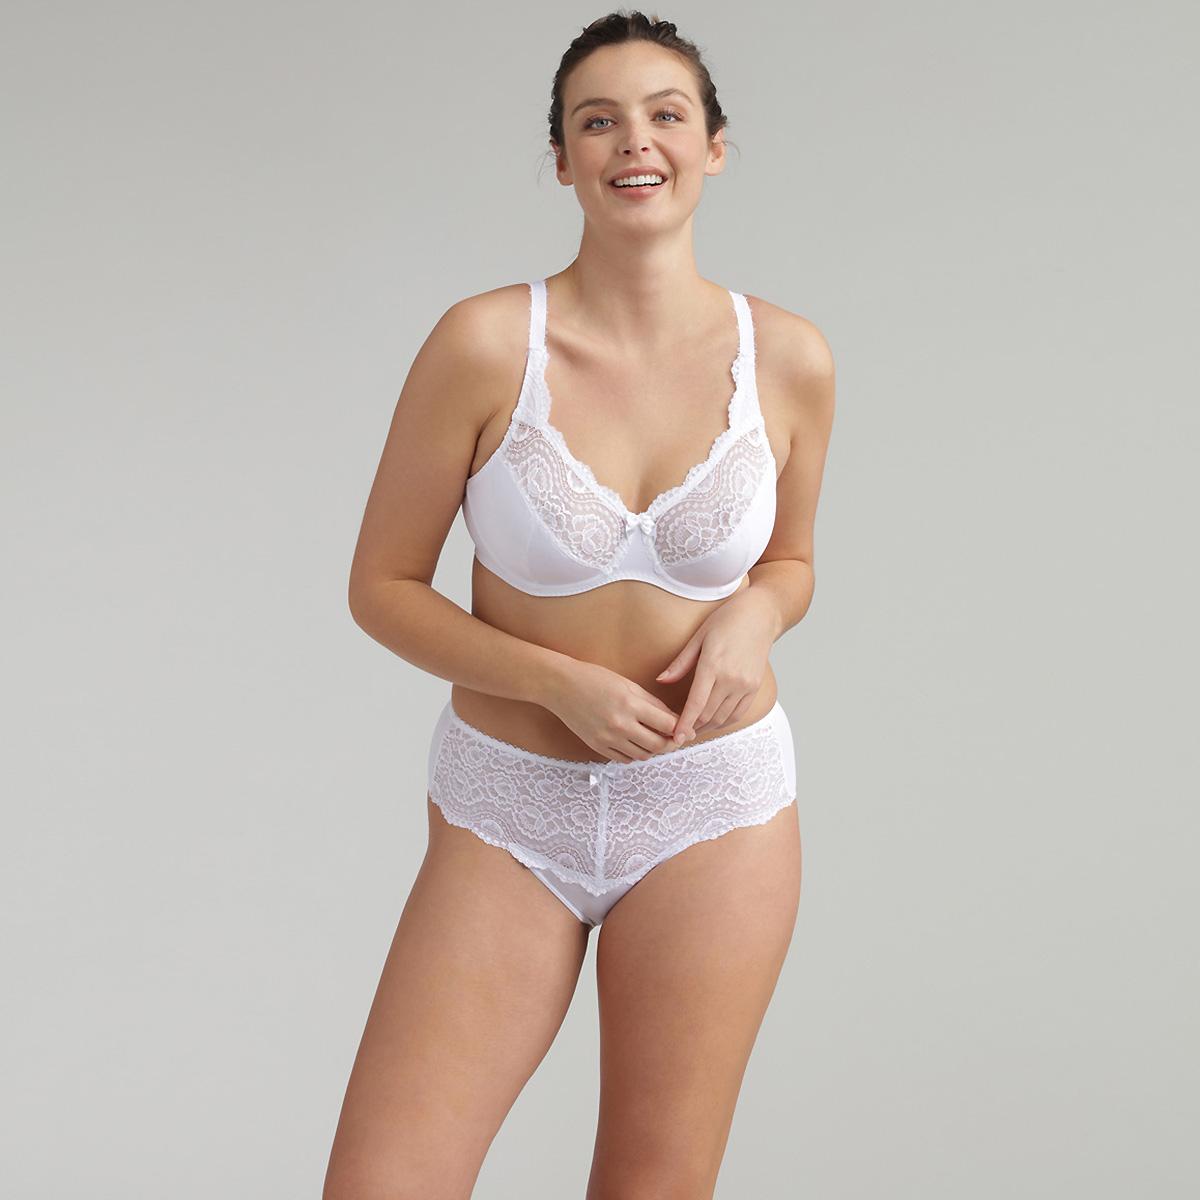 Reggiseno modellante con ferretto bianco Flowery Lace Micro, , PLAYTEX